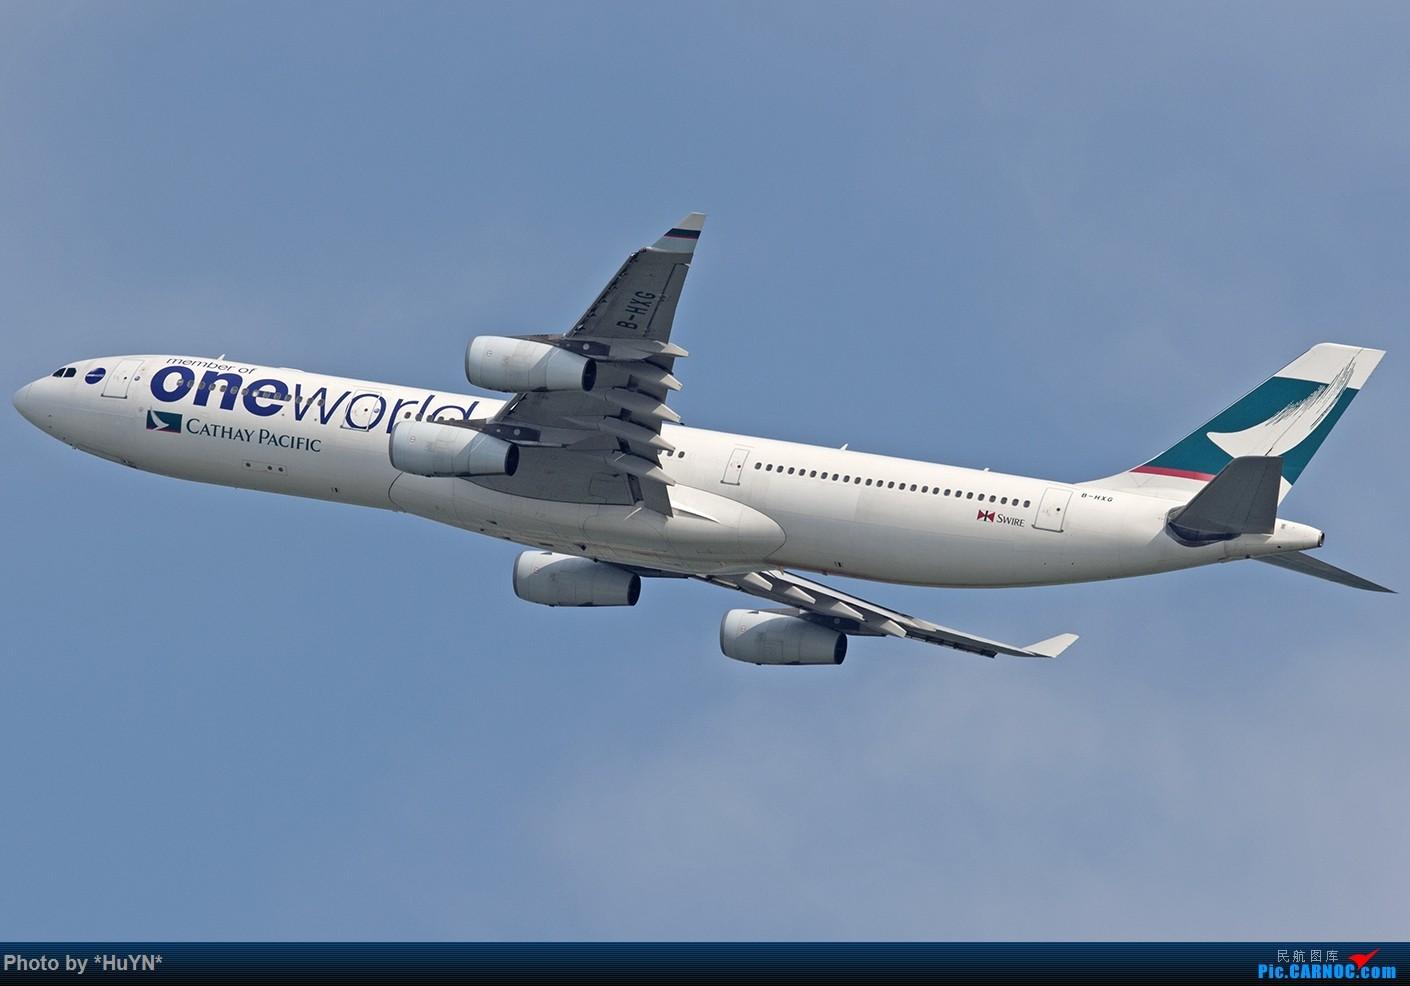 Re:[原创]听说又能审图了我也试试之二 AIRBUS A340-300 B-HXG 中国香港赤鱲角国际机场